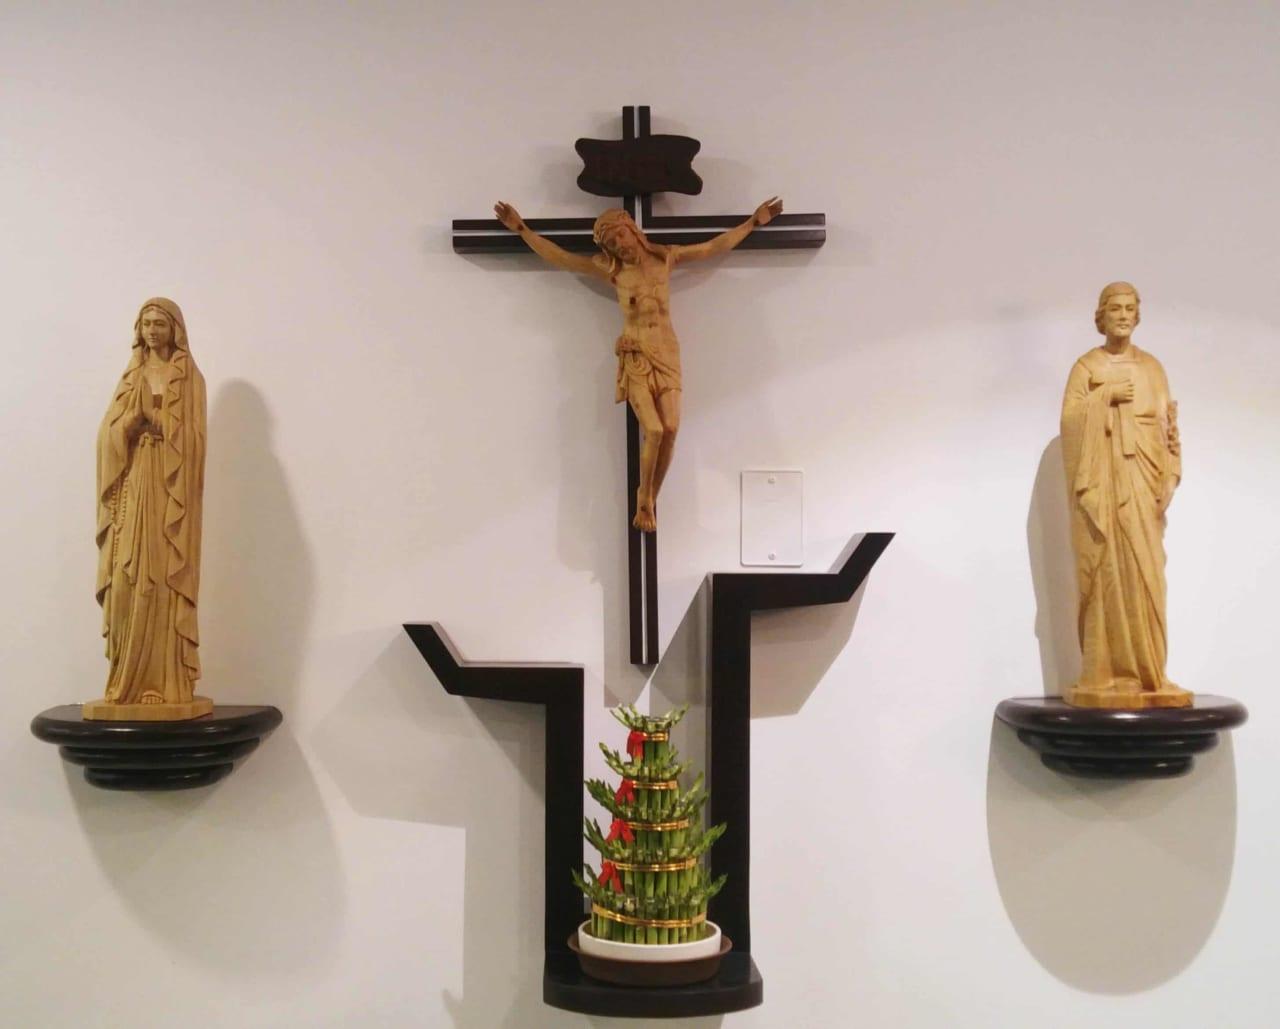 Lựa chọn gỗ gì để làm bàn thờ chúa treo tường?